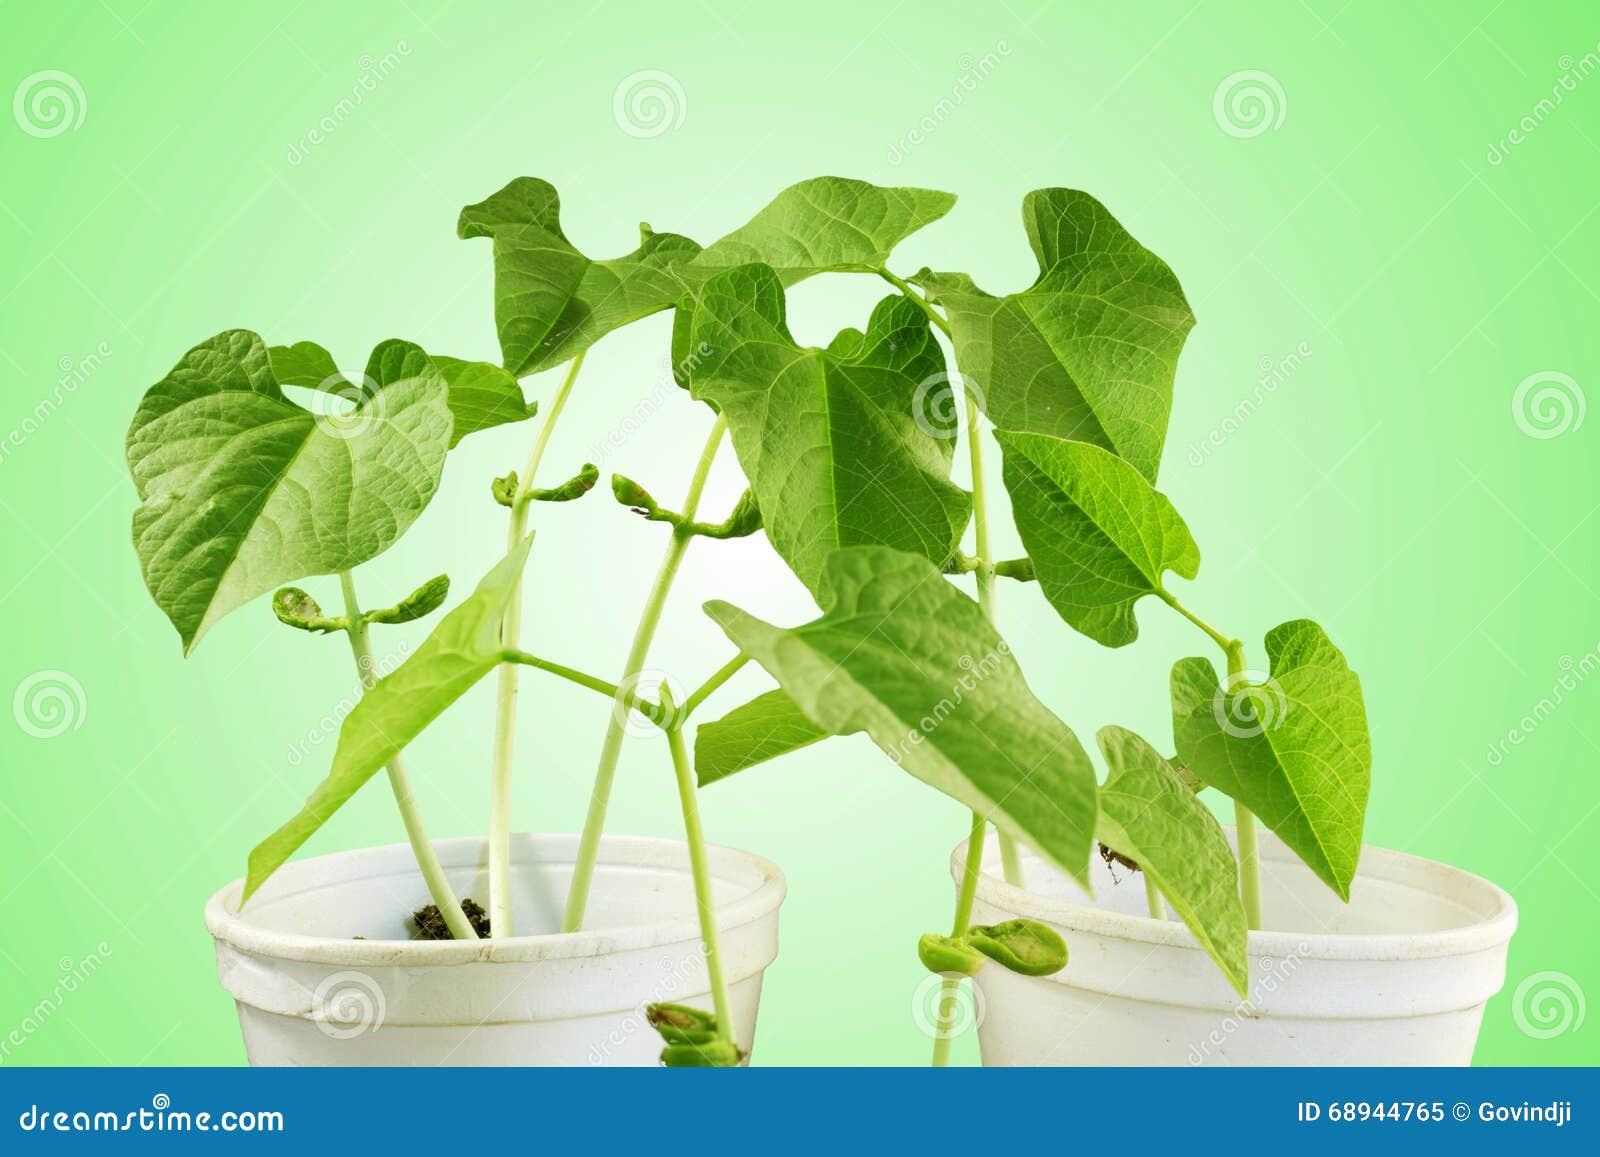 Botanische Planten Afbeeldingen